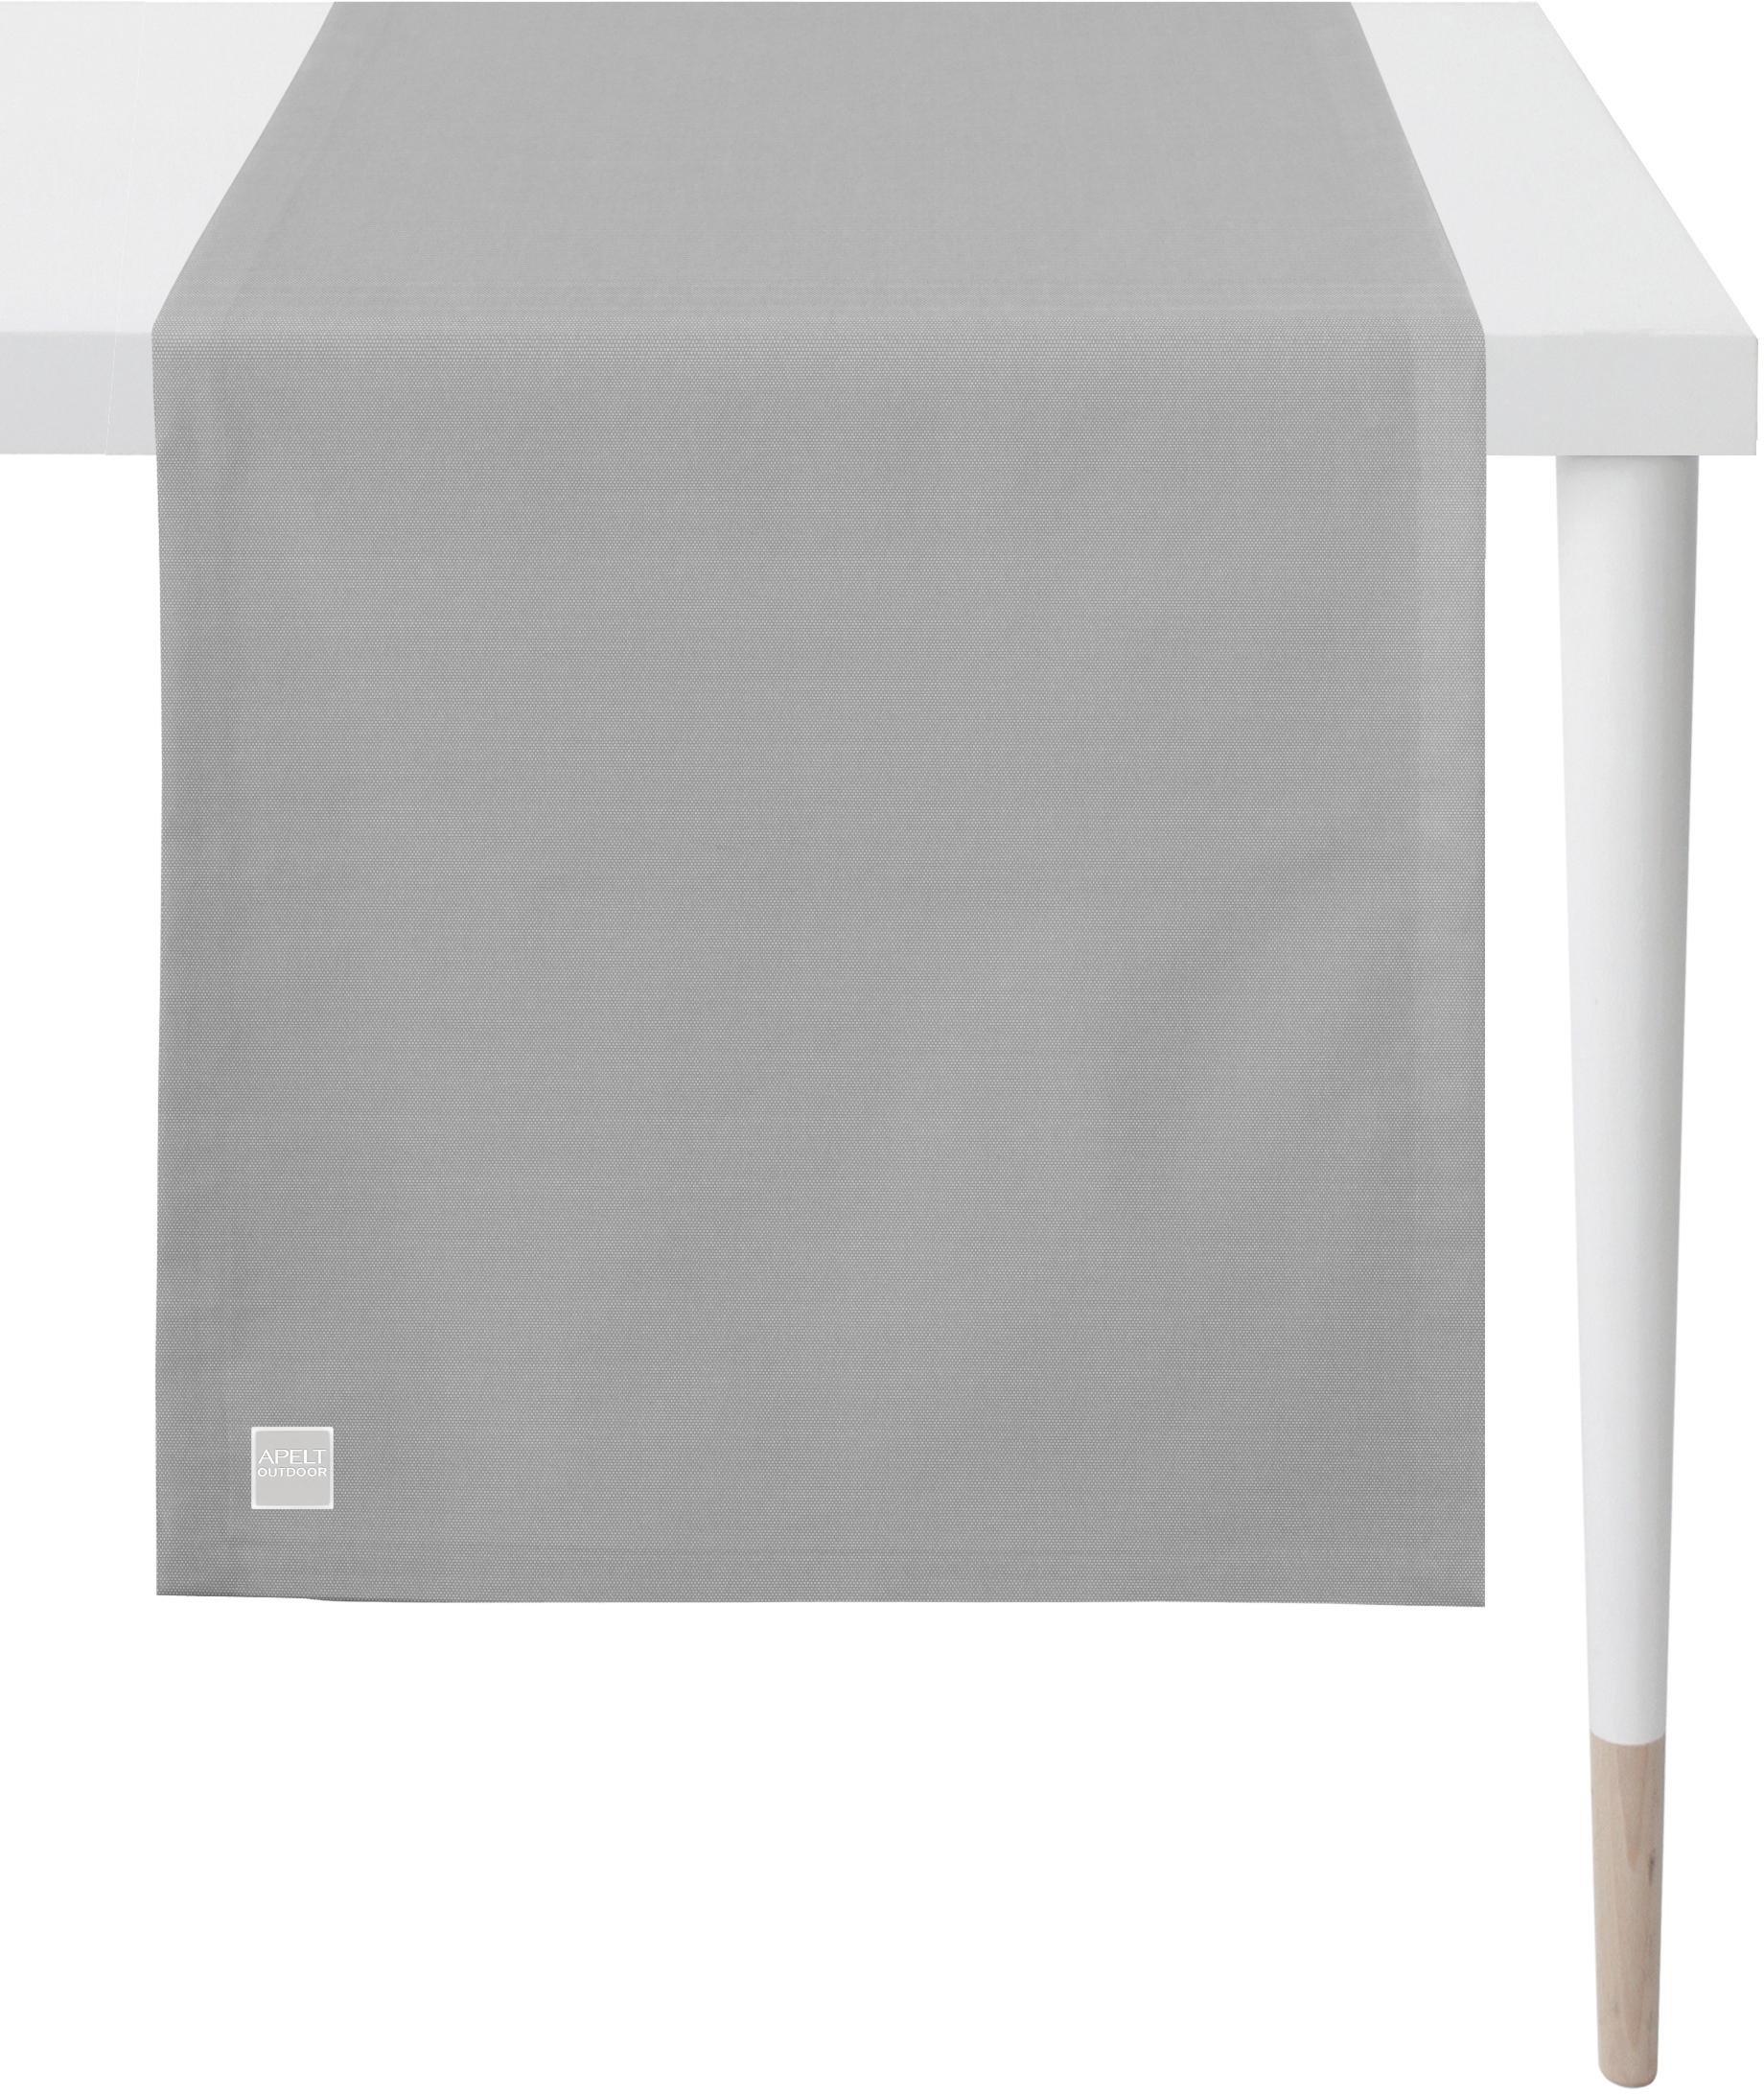 APELT tafelloper 3959 Outdoor panama (1 stuk) bestellen: 30 dagen bedenktijd